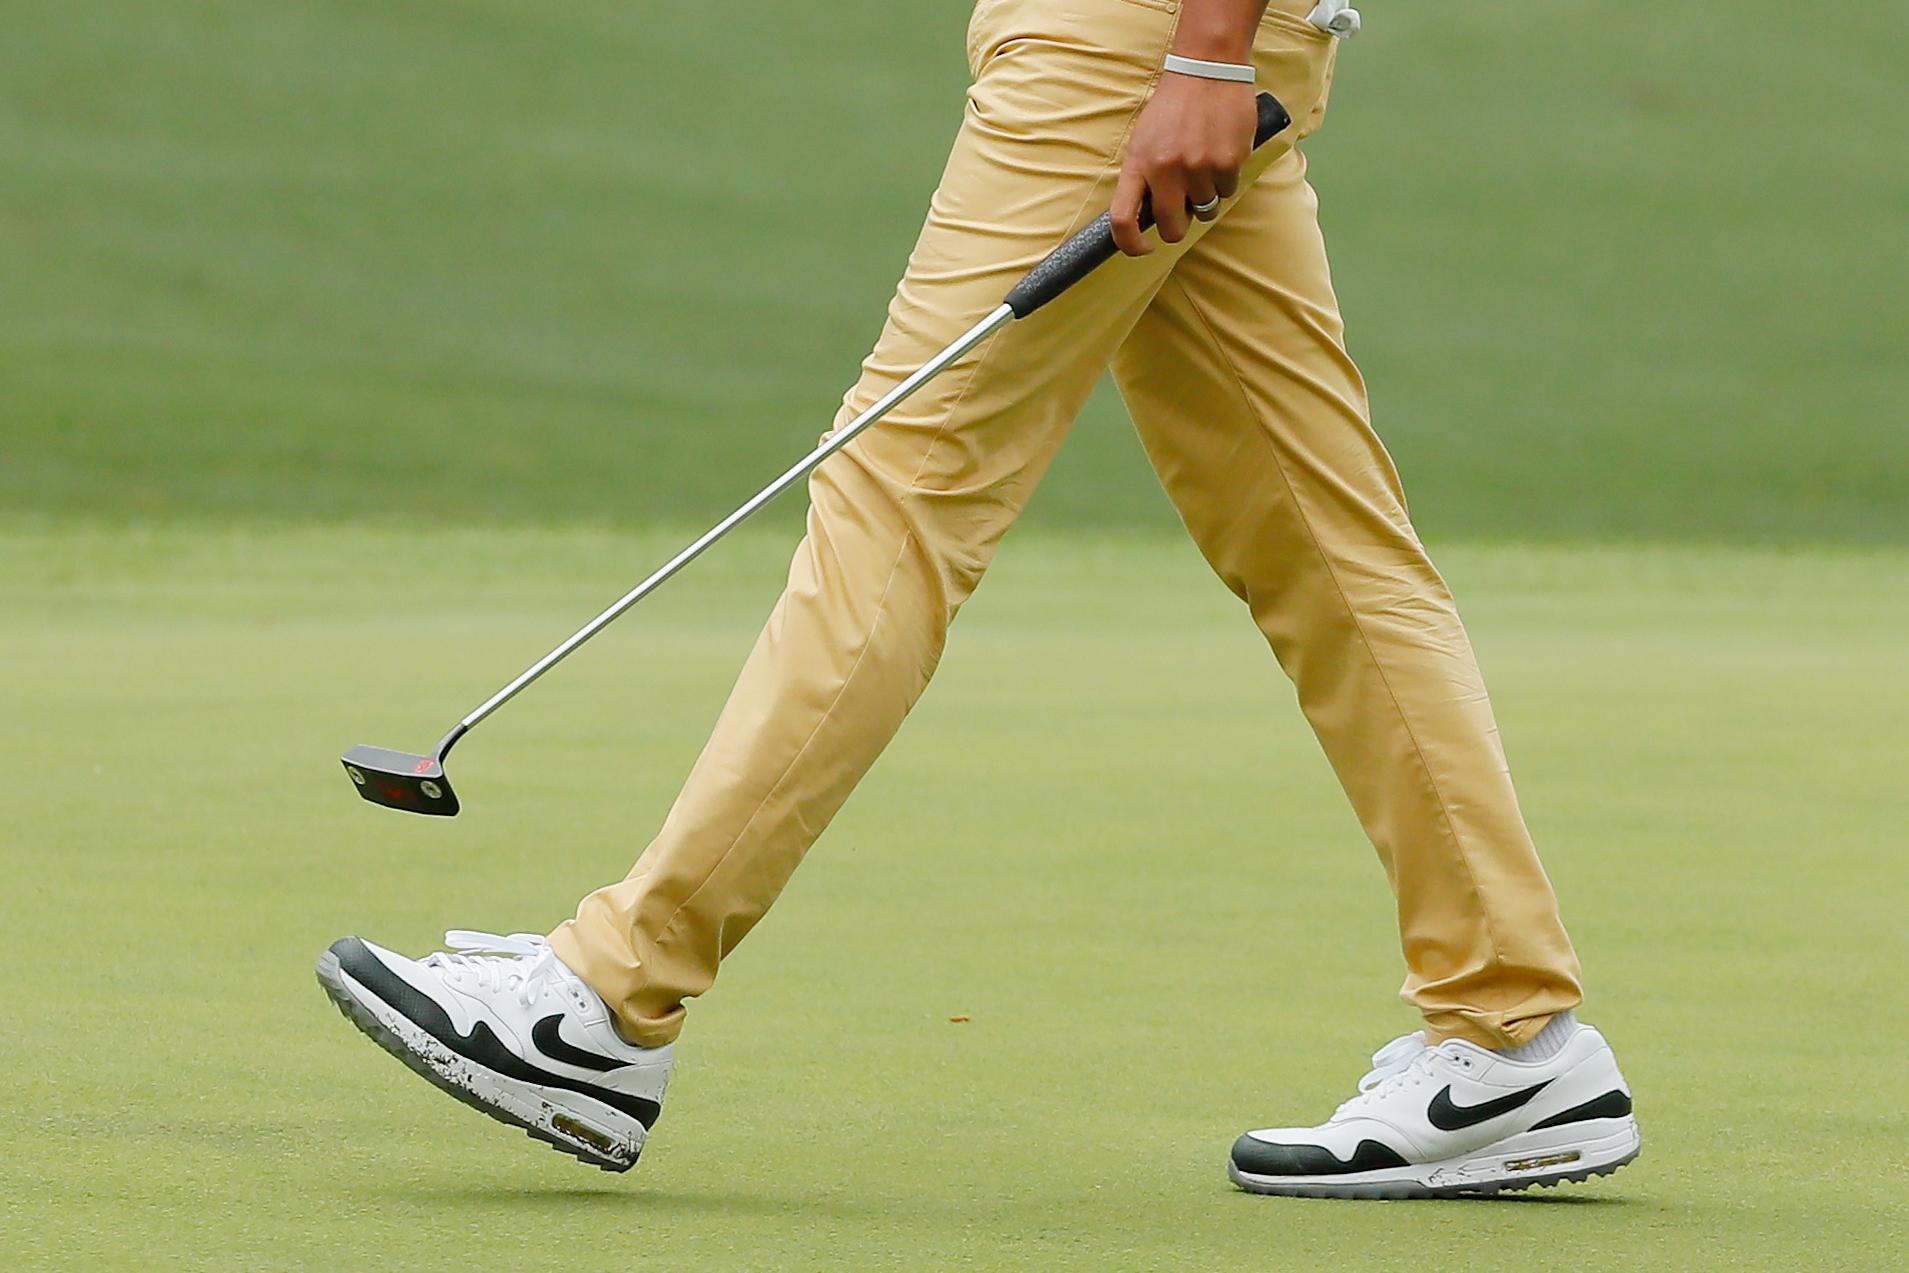 Tony Finau's Air Max Golf Shoes Are